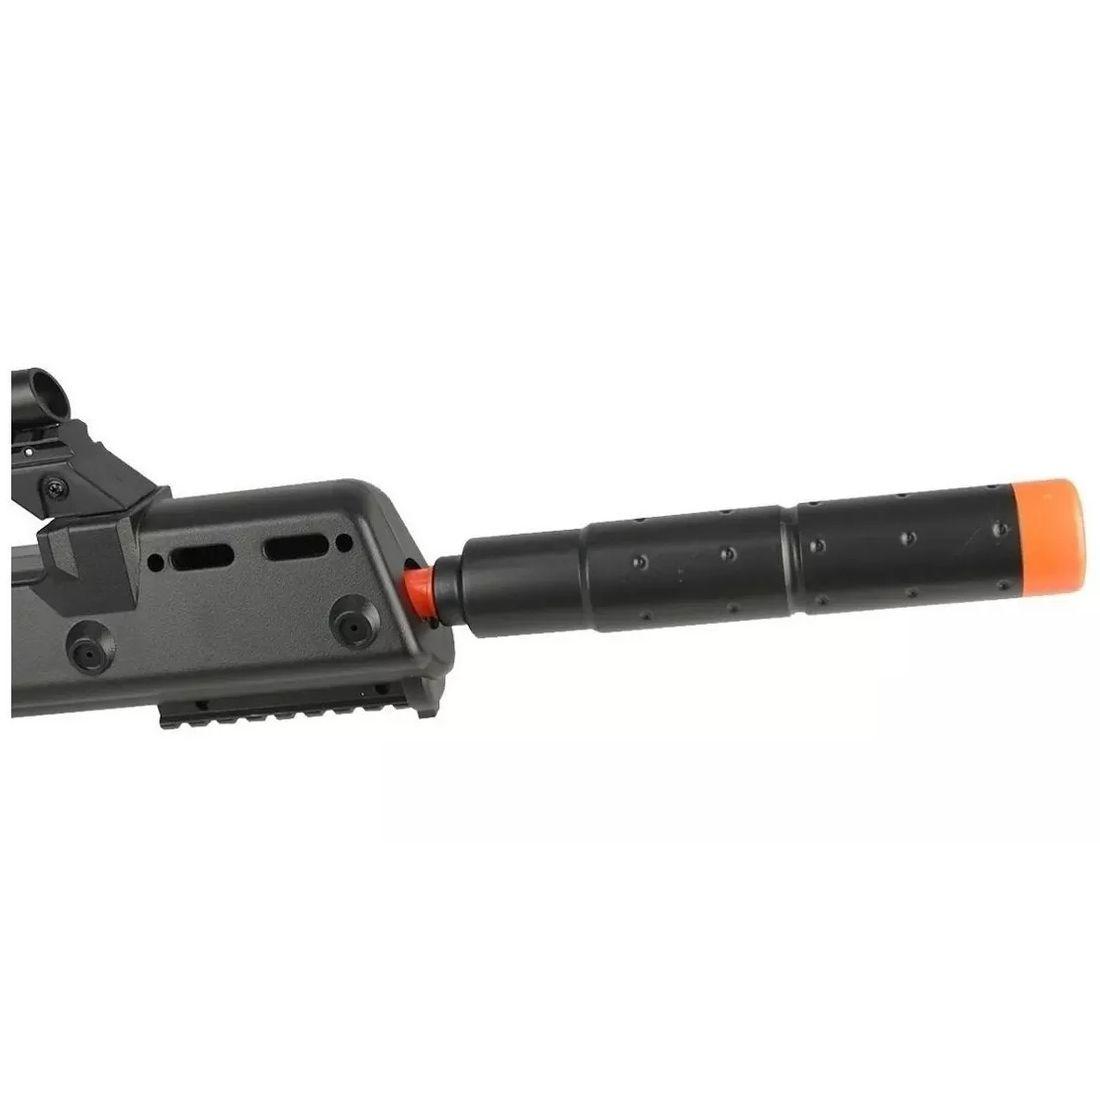 Rifle Airsoft Rossi Cyma G36 Cm021 Elétrica 6 mm